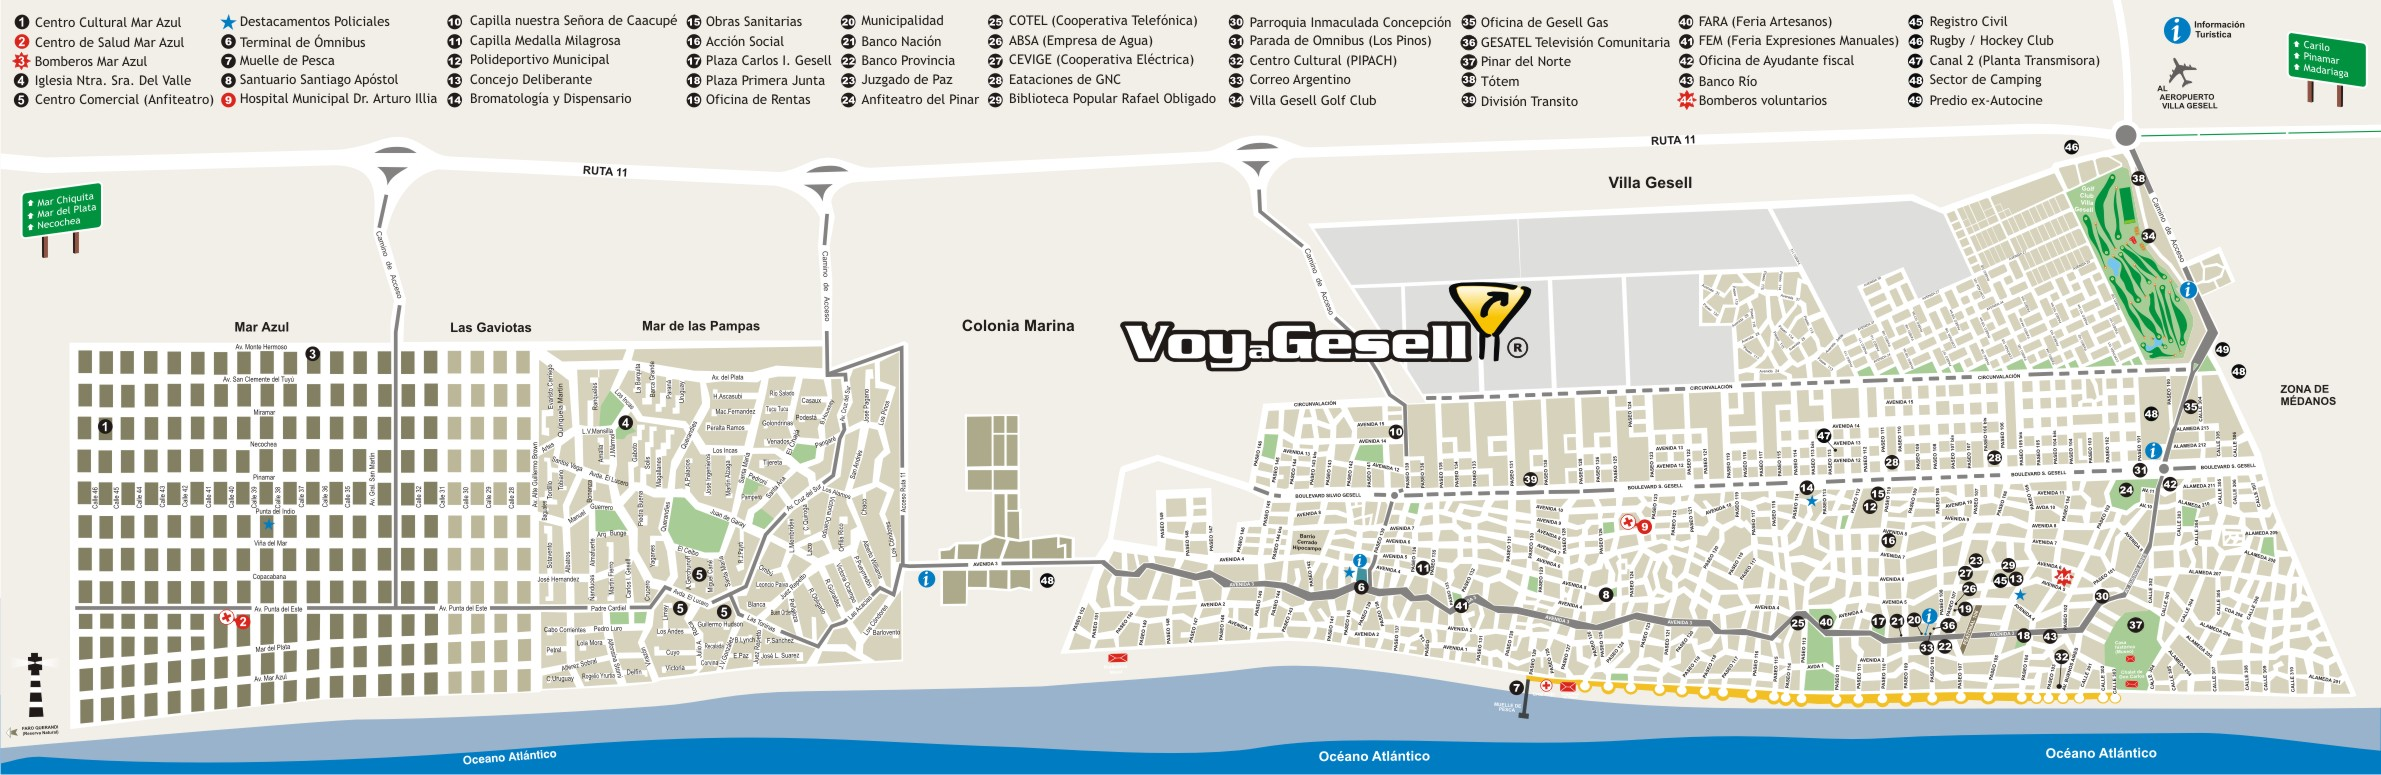 Mapa de la Ciudad de Villa Gesell